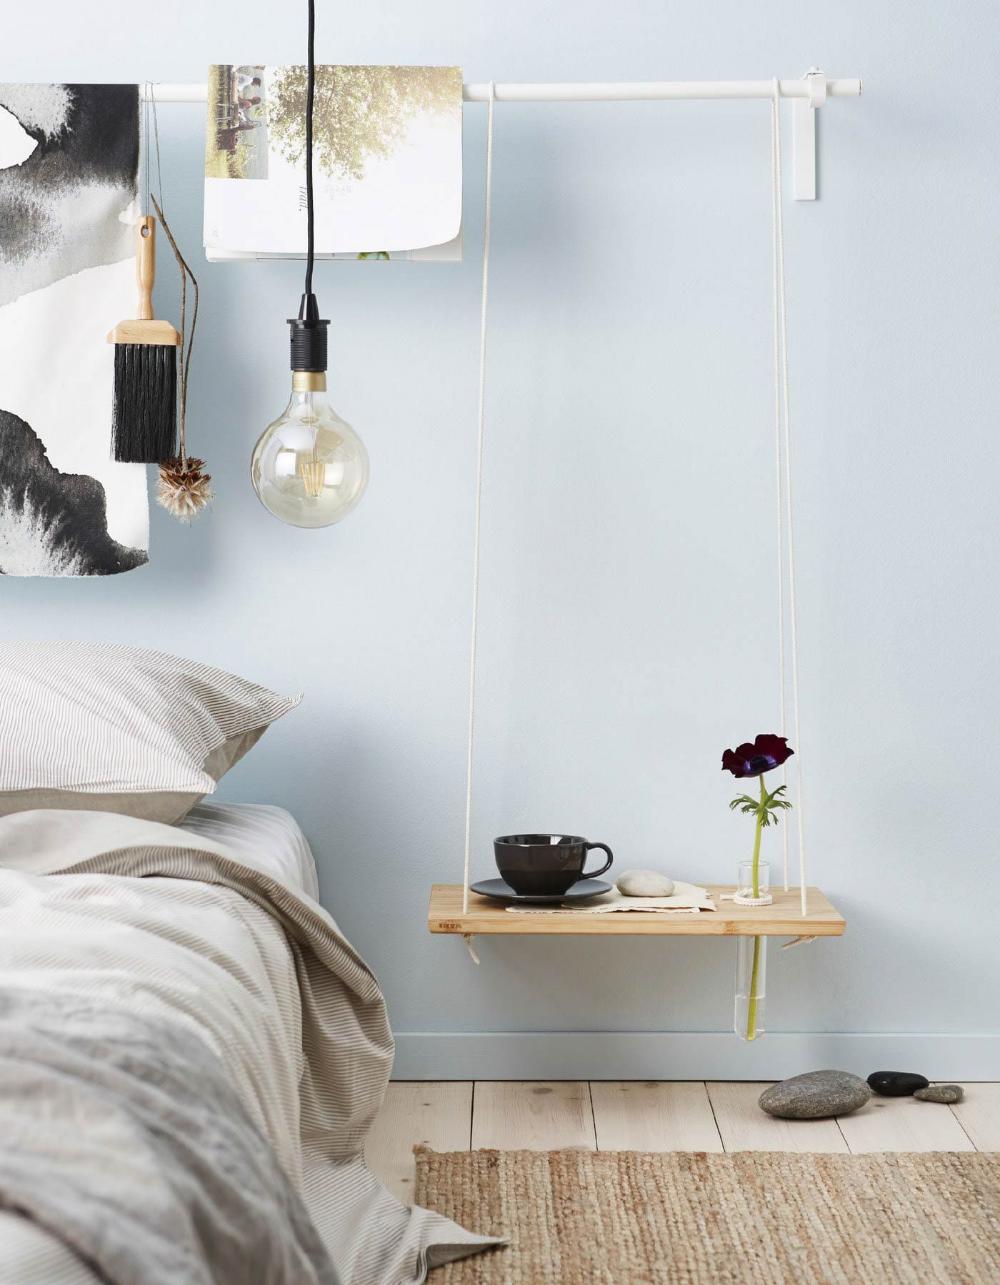 DIY bedside table ideas Decor, Room decor, Small room